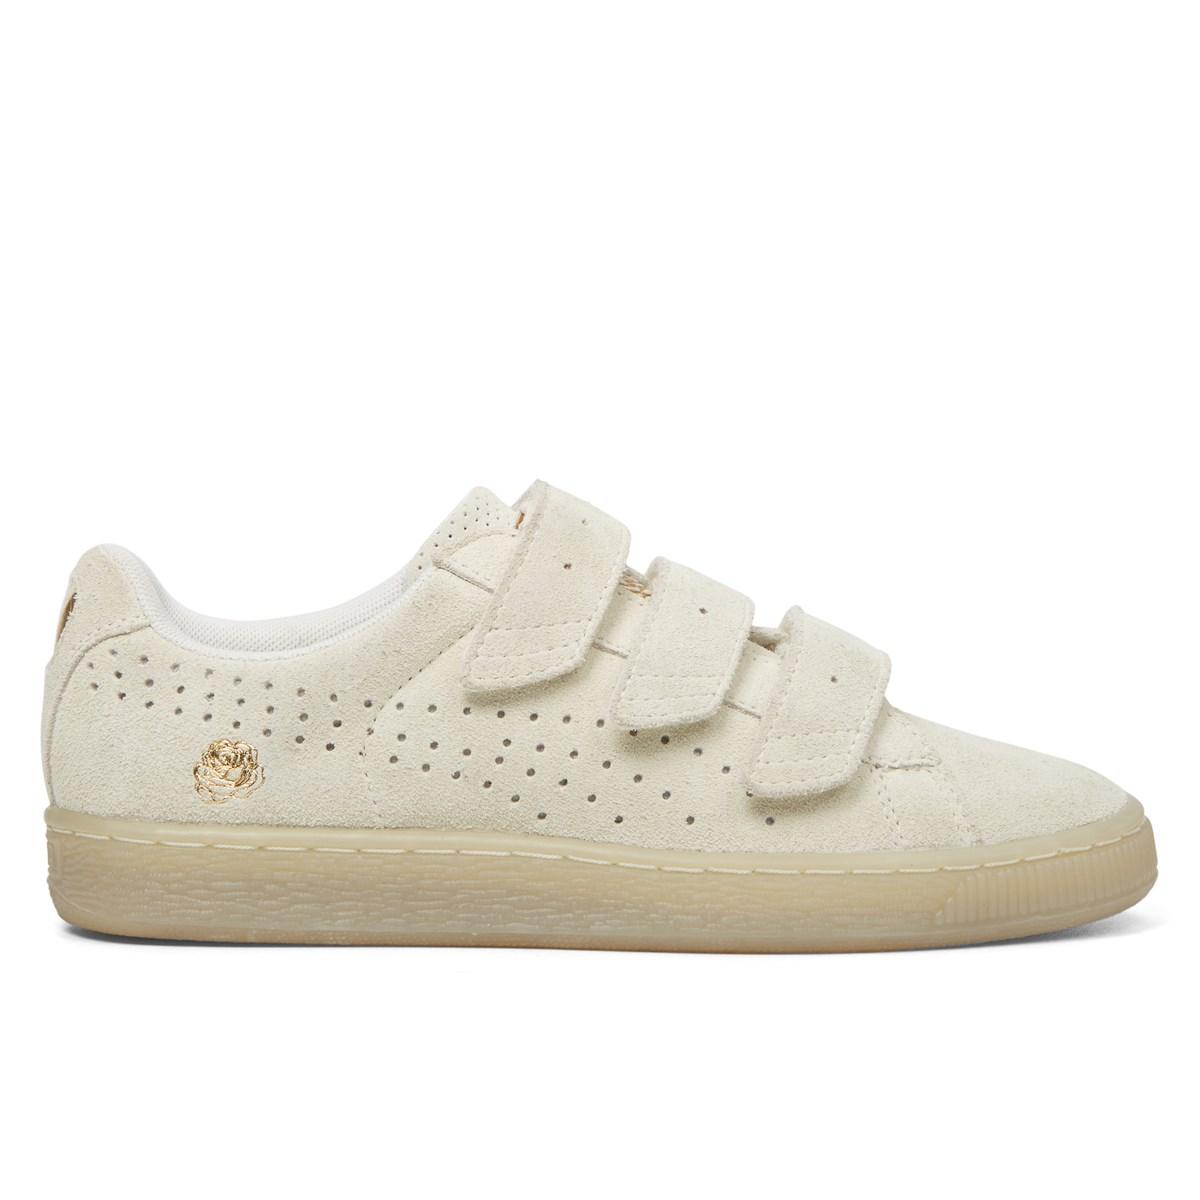 best website 7ff0d 6d628 Women's Suede Velcro Strap Basket Beige Sneaker